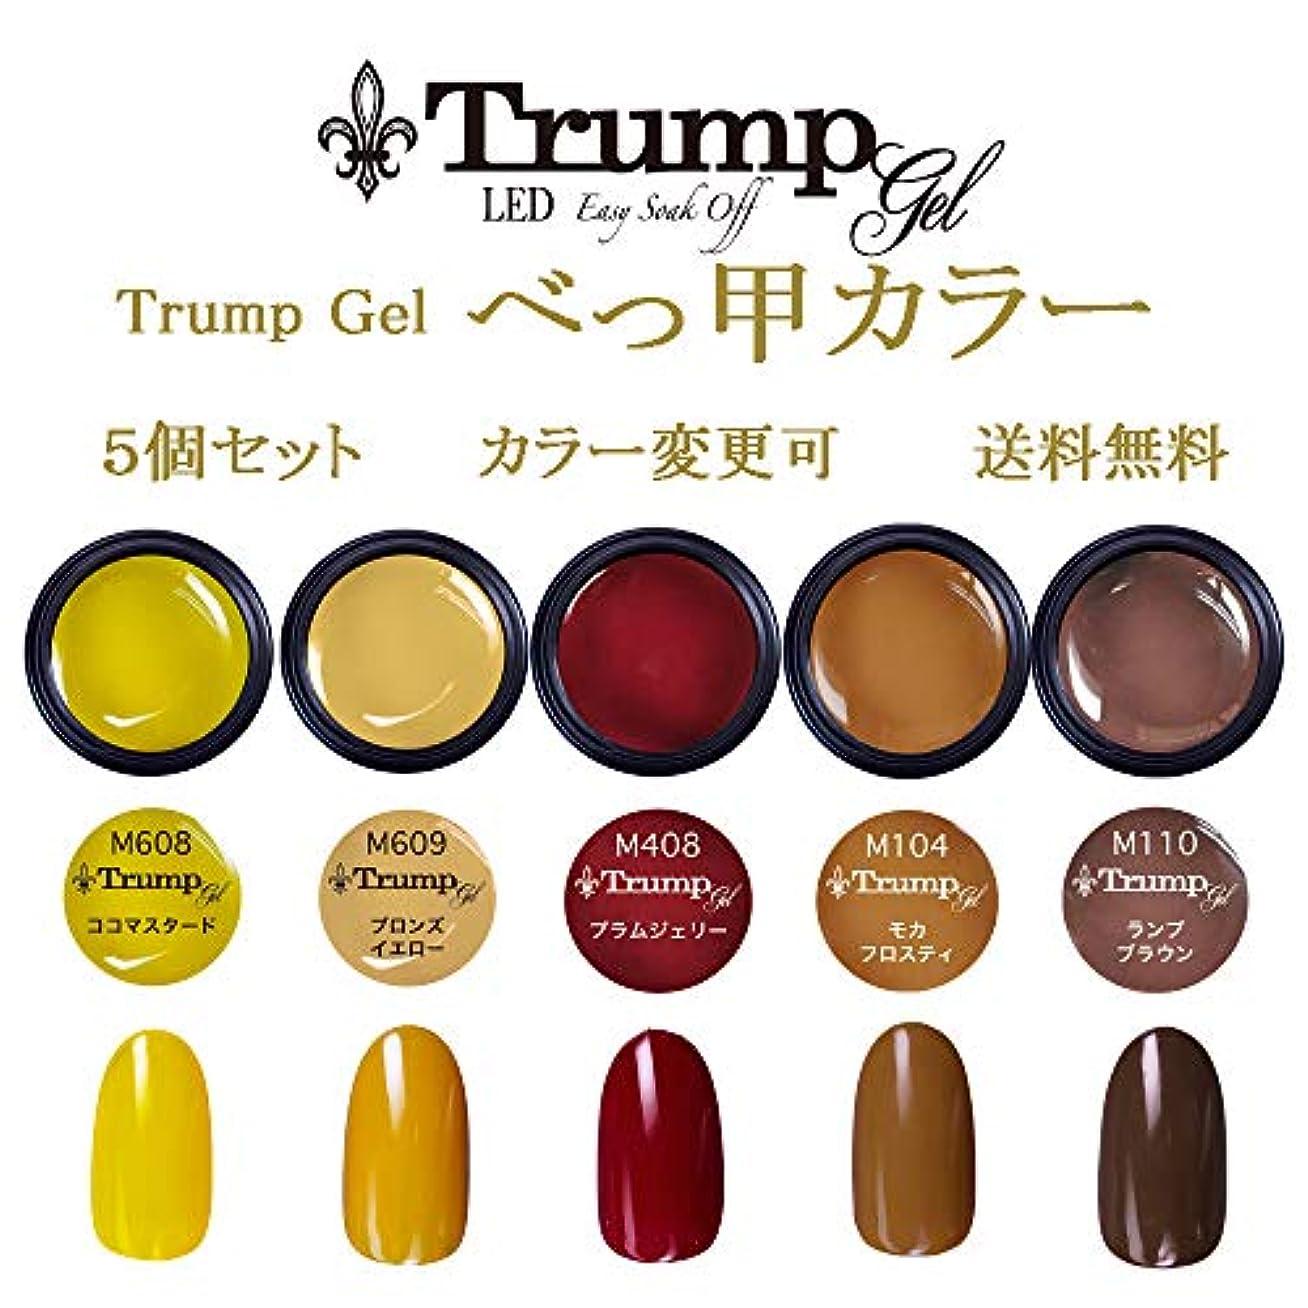 散髪ちょうつがい別々に日本製 Trump gel トランプジェル べっ甲 ネイルカラー 選べる カラージェル 5個セット イエロー ブラウン ワイン べっこう